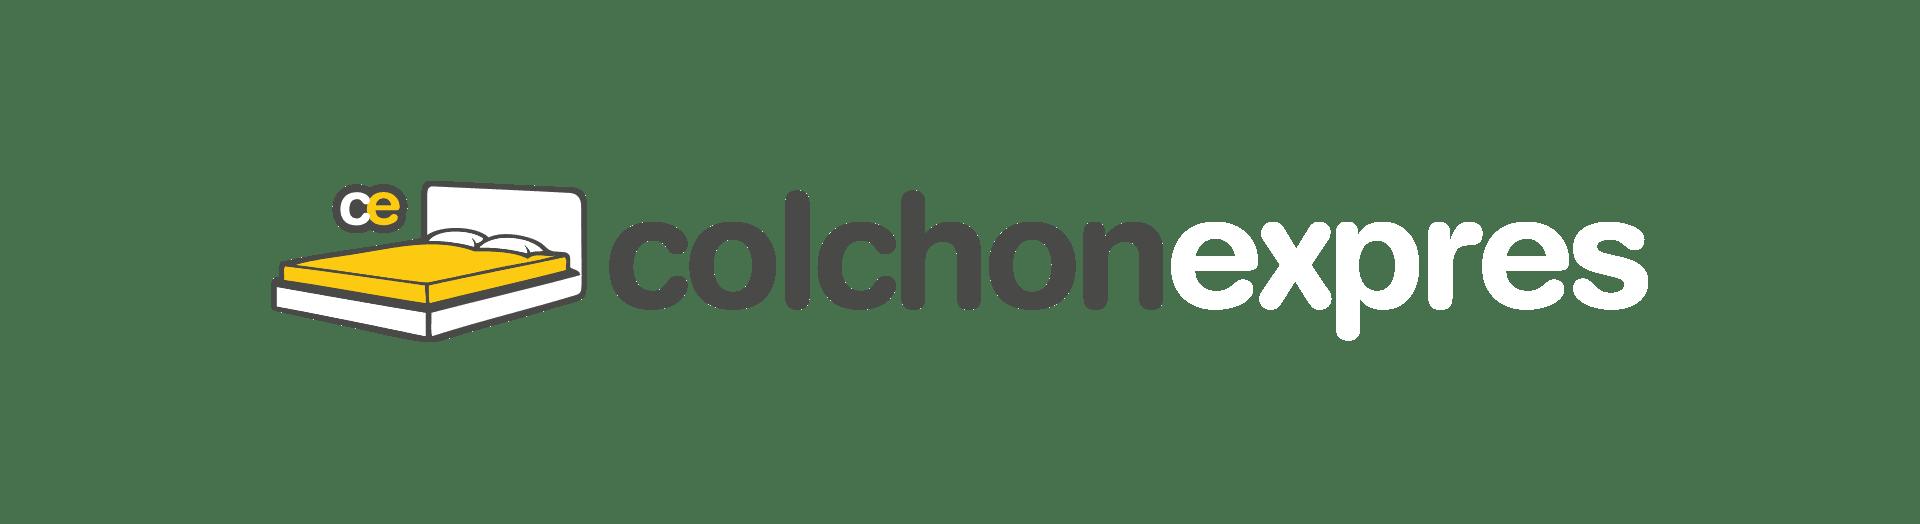 Logotipo de Colchón Exprés